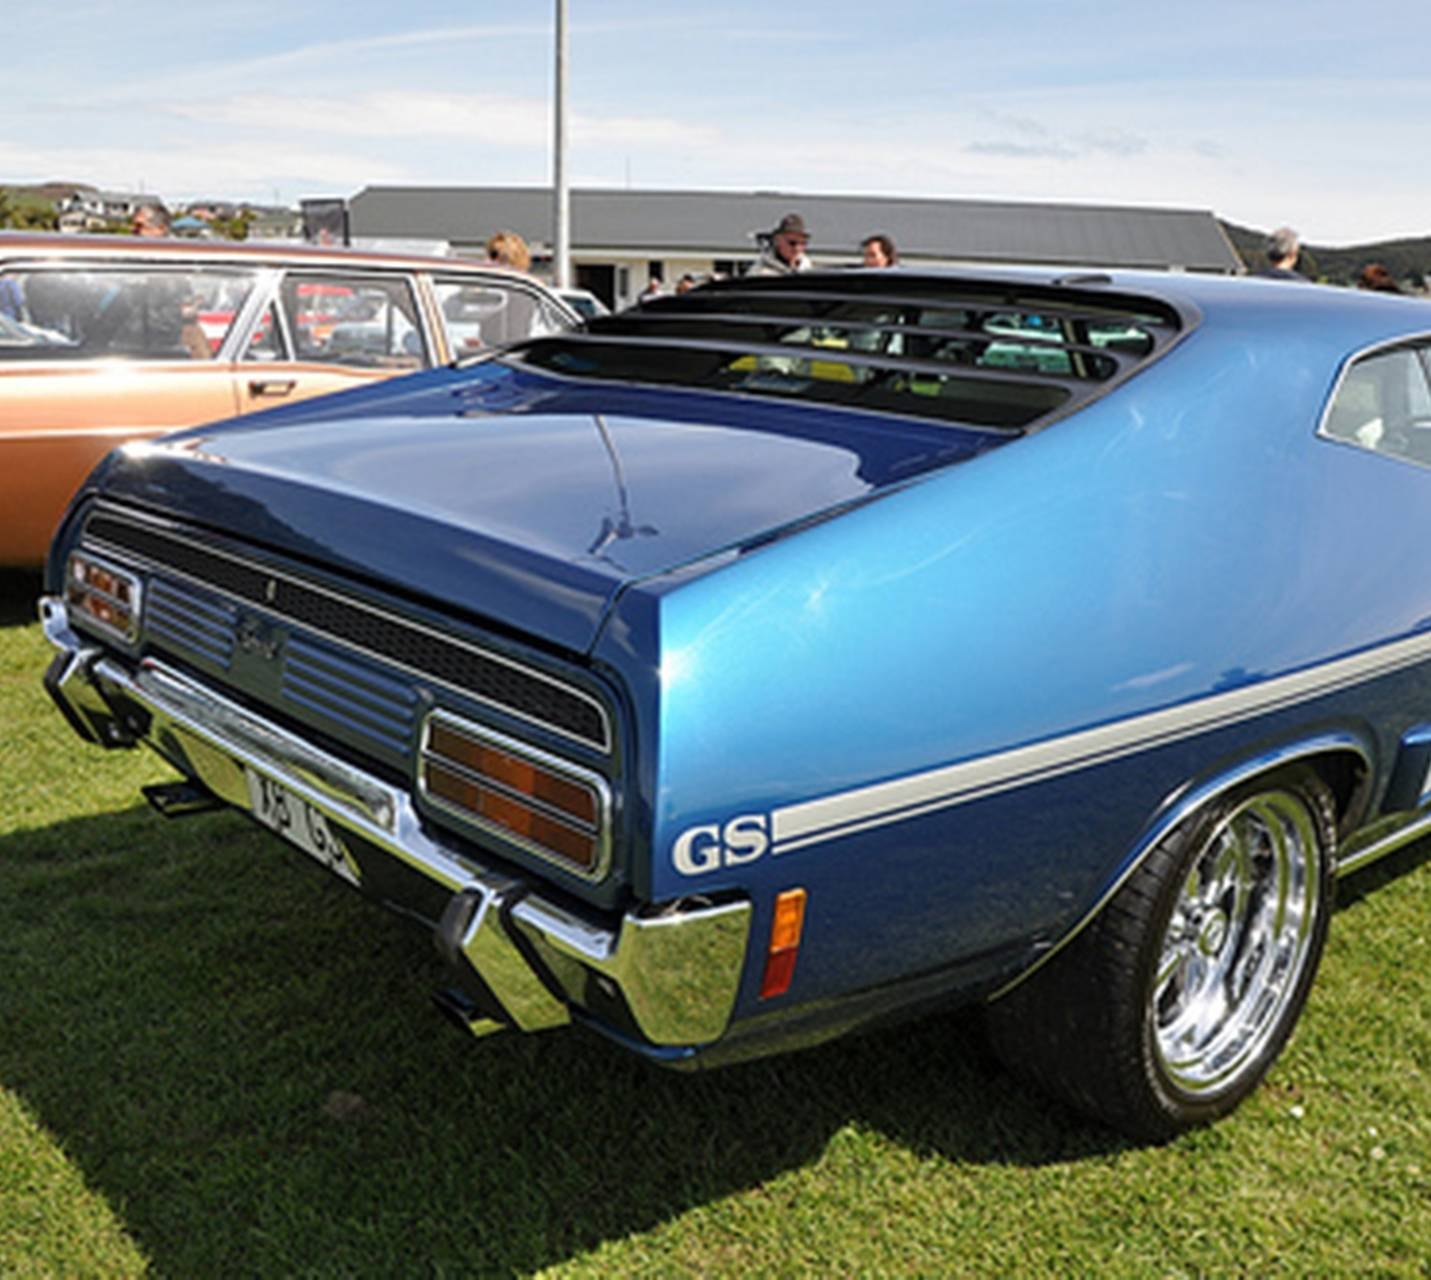 XBGS Falcon rear